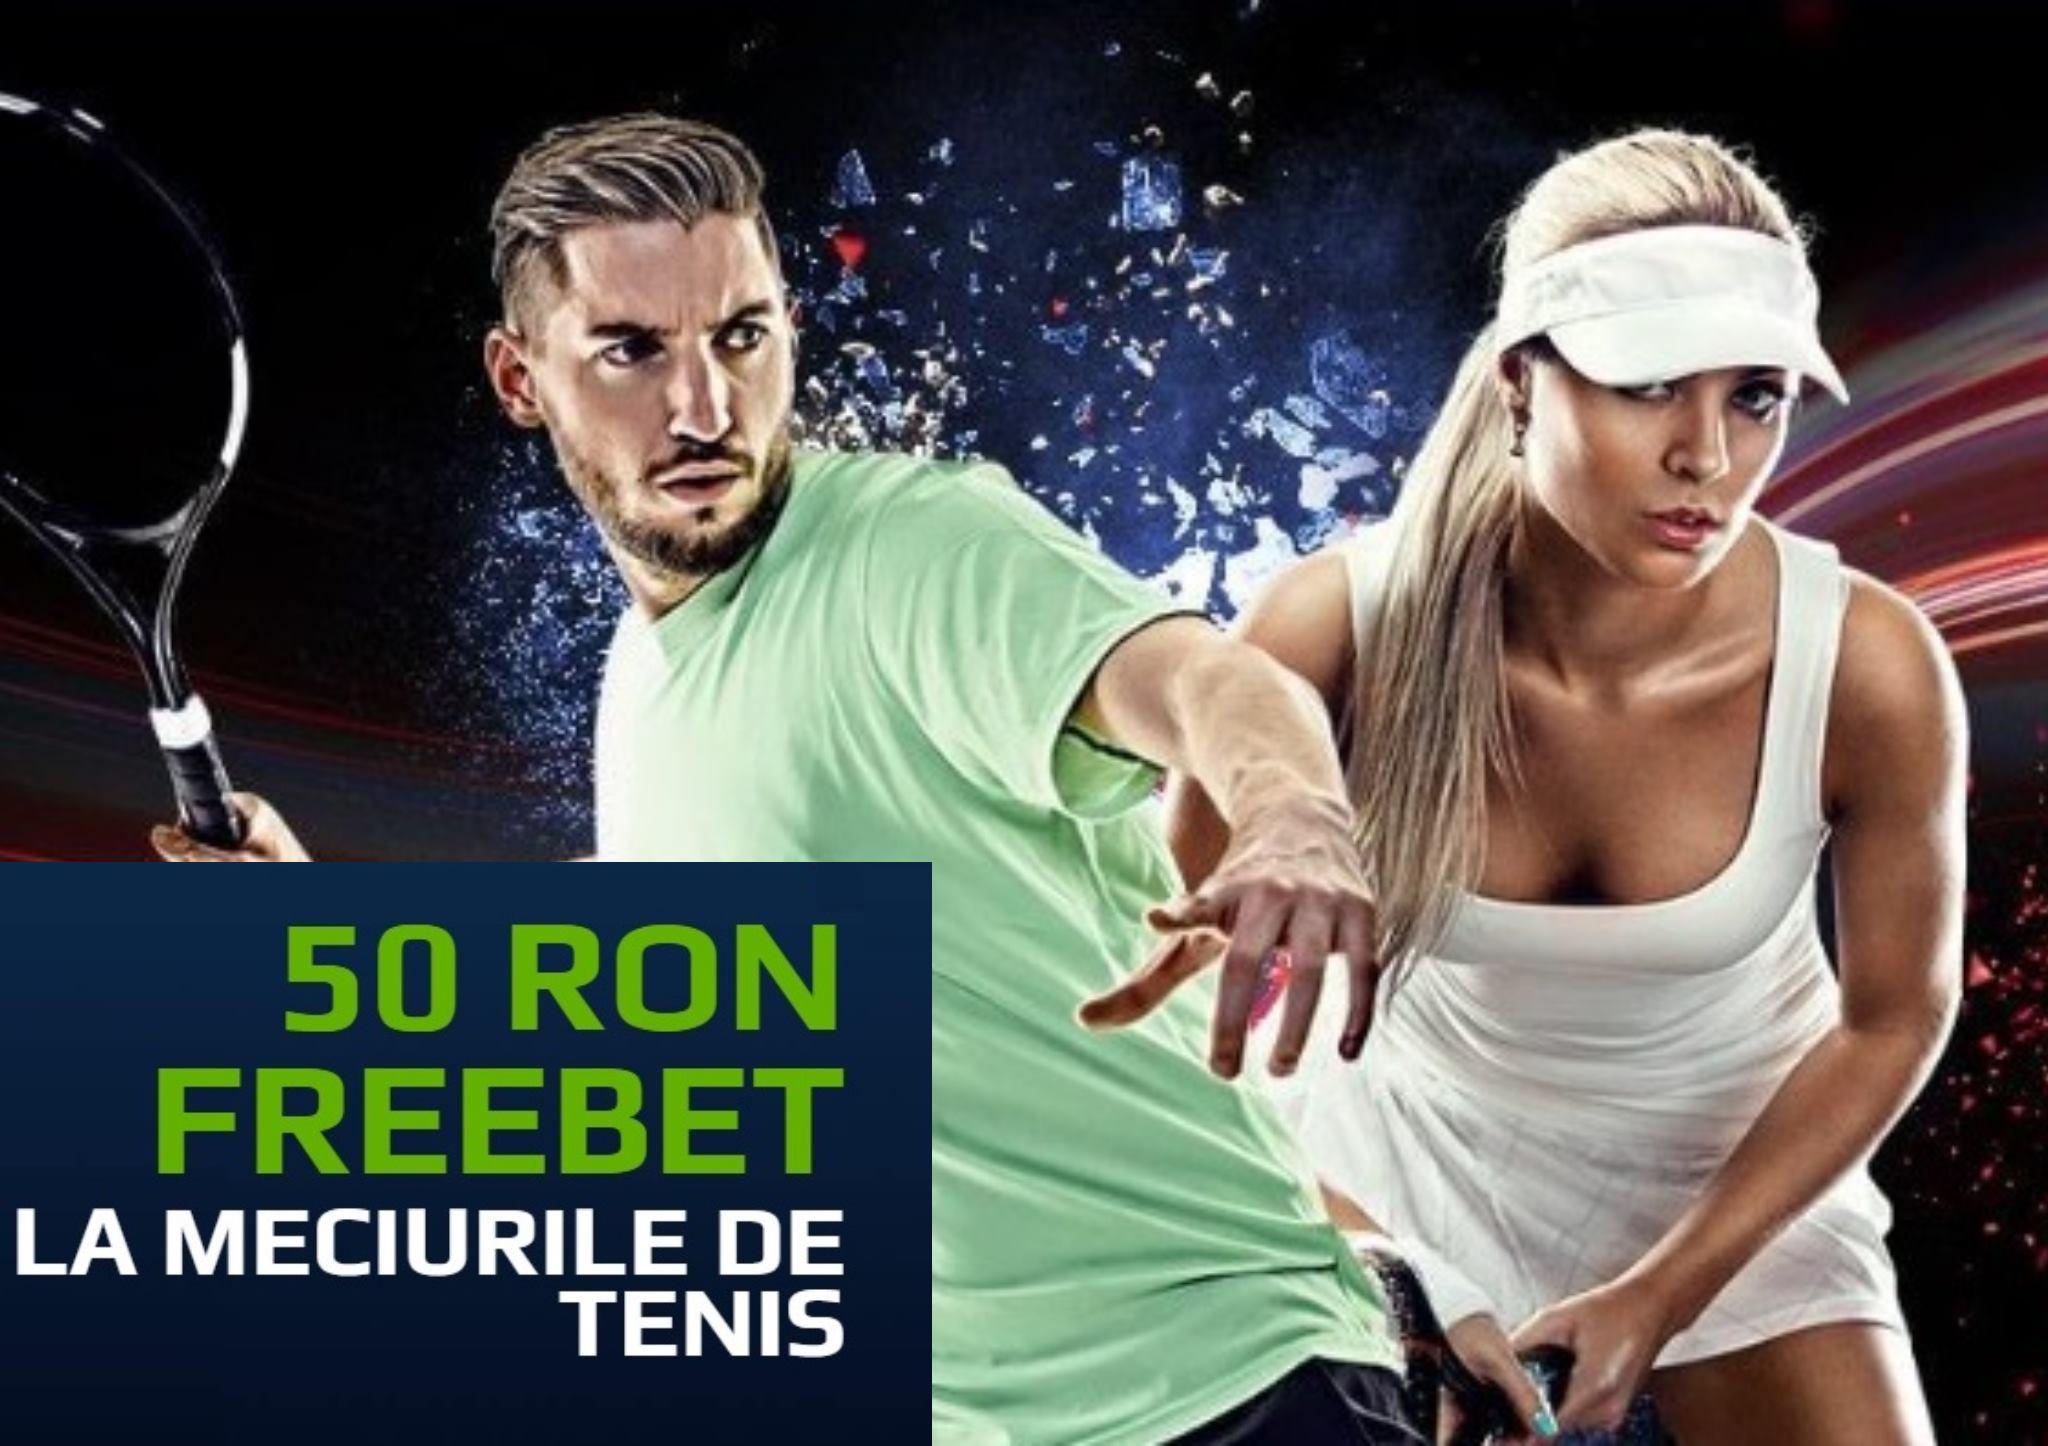 Tenis Freebet